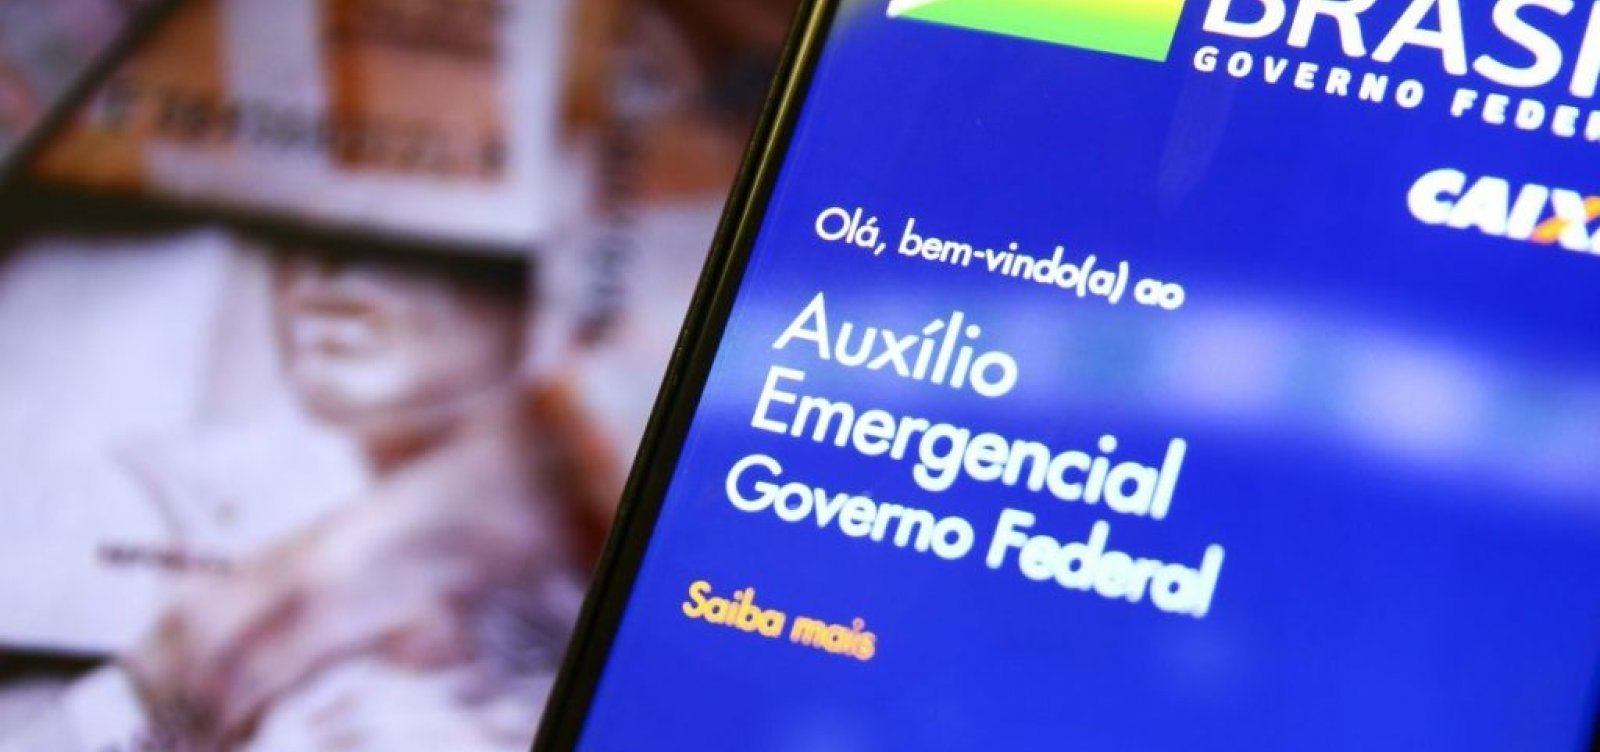 [Auxílio Emergencial: benefício custará R$ 34,2 bi, aponta instituição ligada ao Senado]